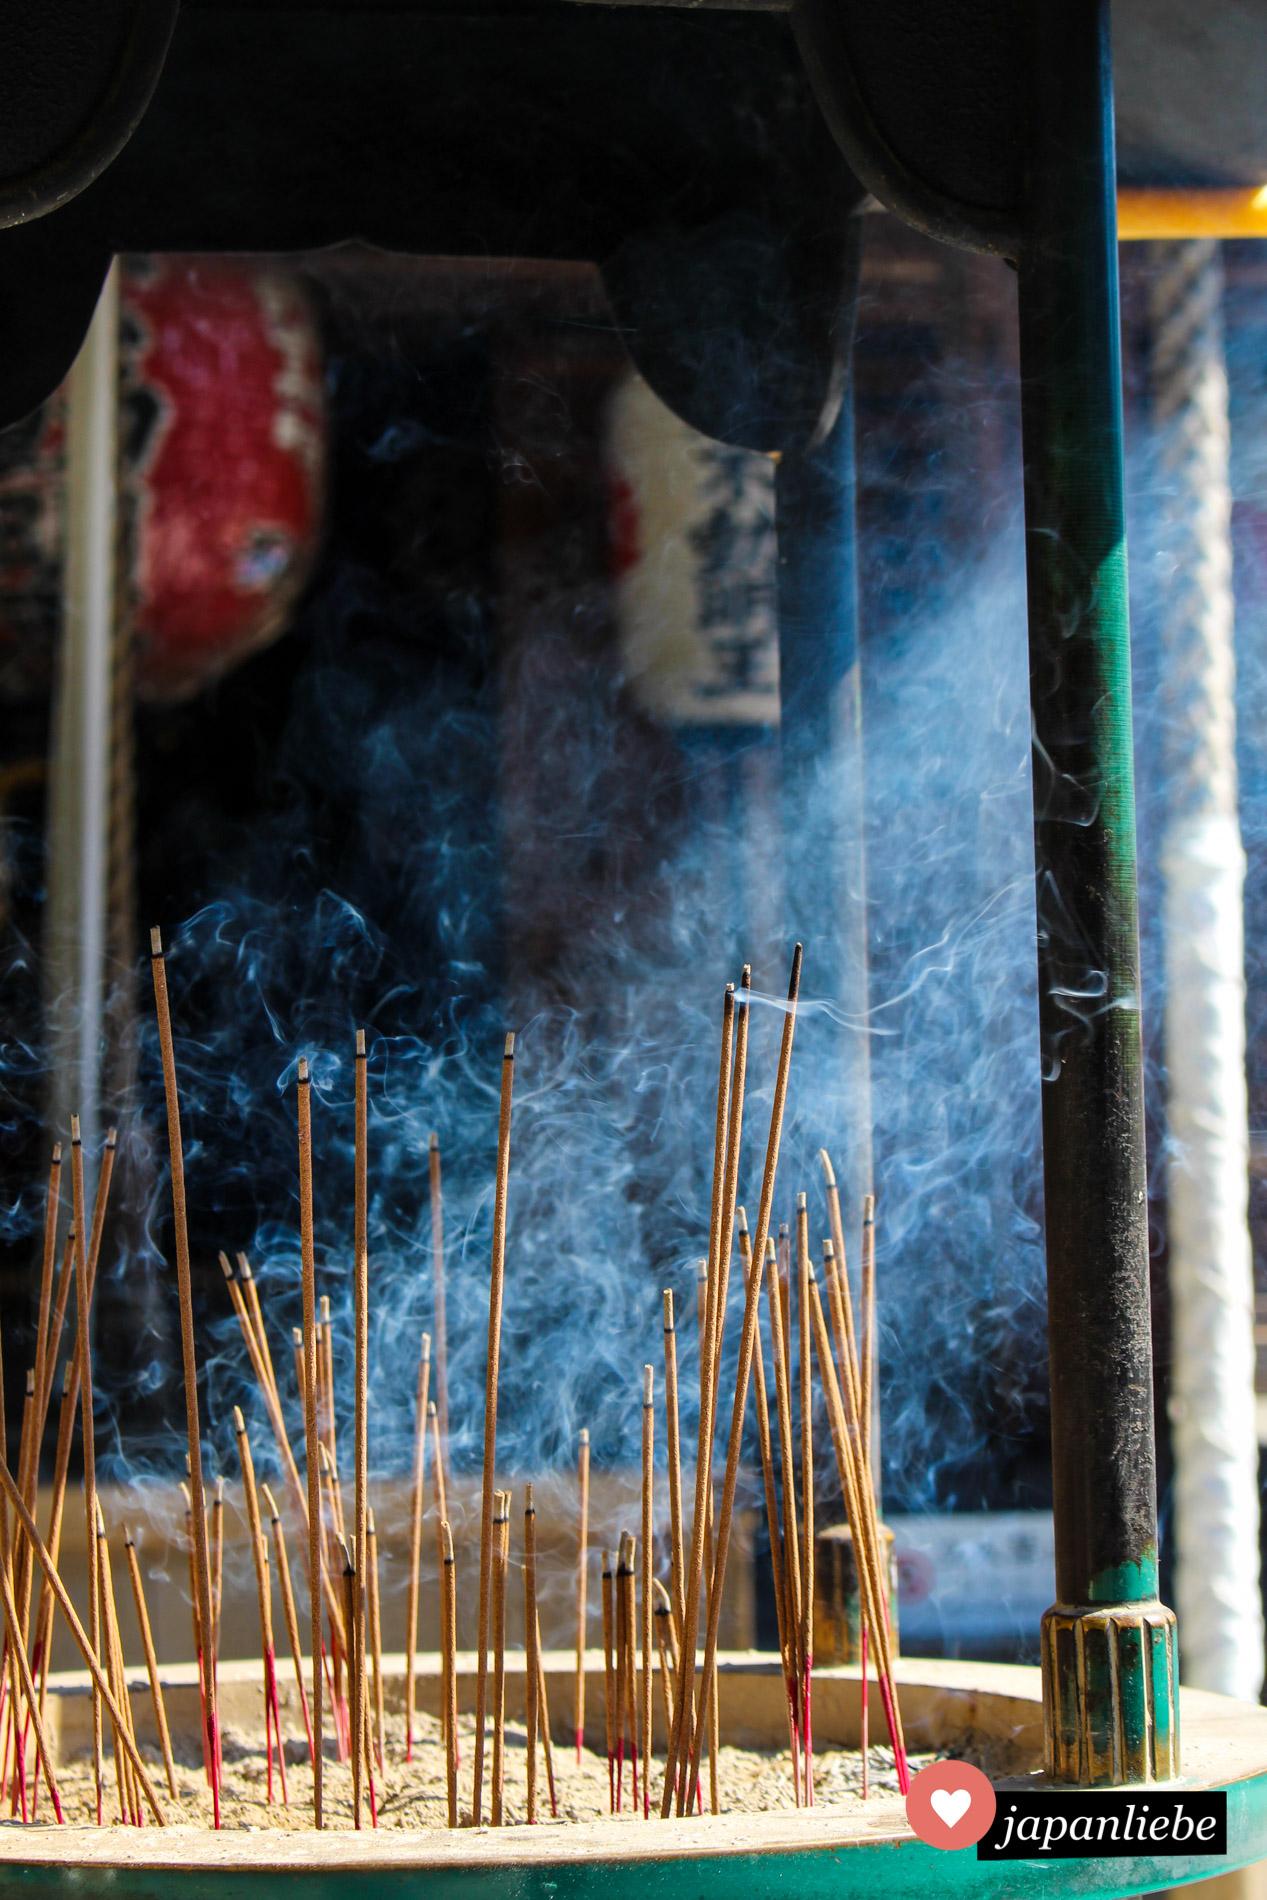 Gläubige Buddhisten huldigen am Tempel mit Räucherstäbchen, so auch am Rokuon-ji, wie der Kinkaku-ji genannte Tempel eigentlich heißt.